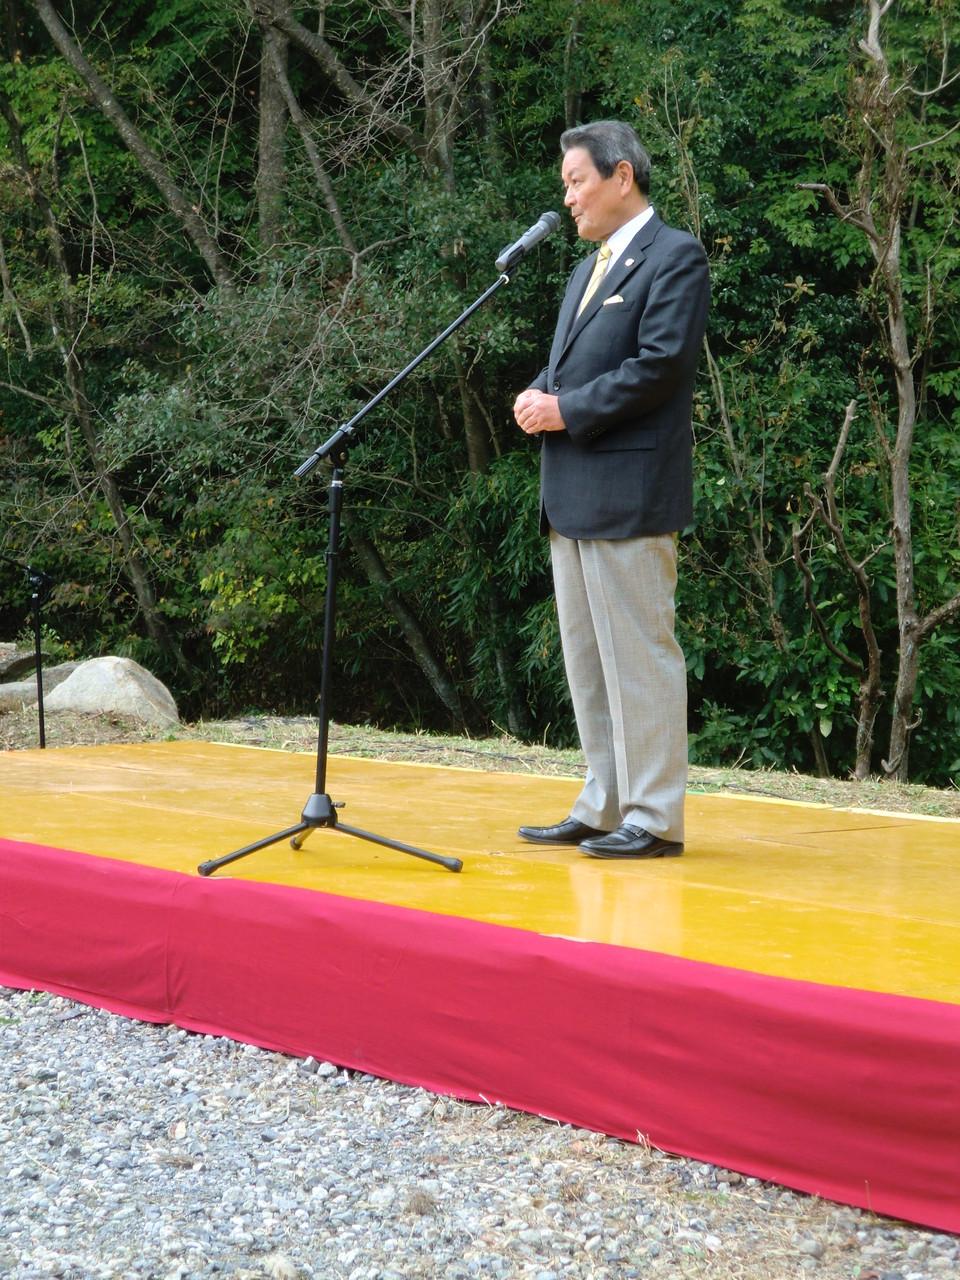 瀬戸市長さんにも、来ていただきました。ありがとうございました。